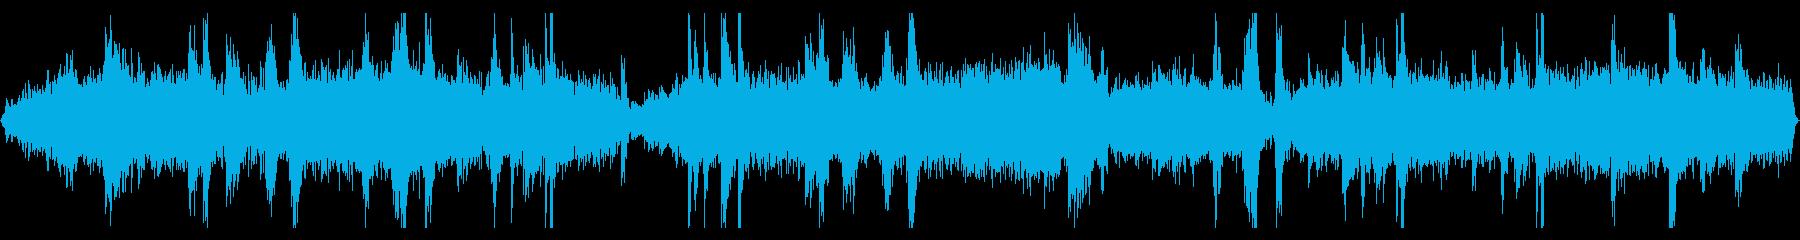 528Hzを用いた自然感じる癒しのBGMの再生済みの波形